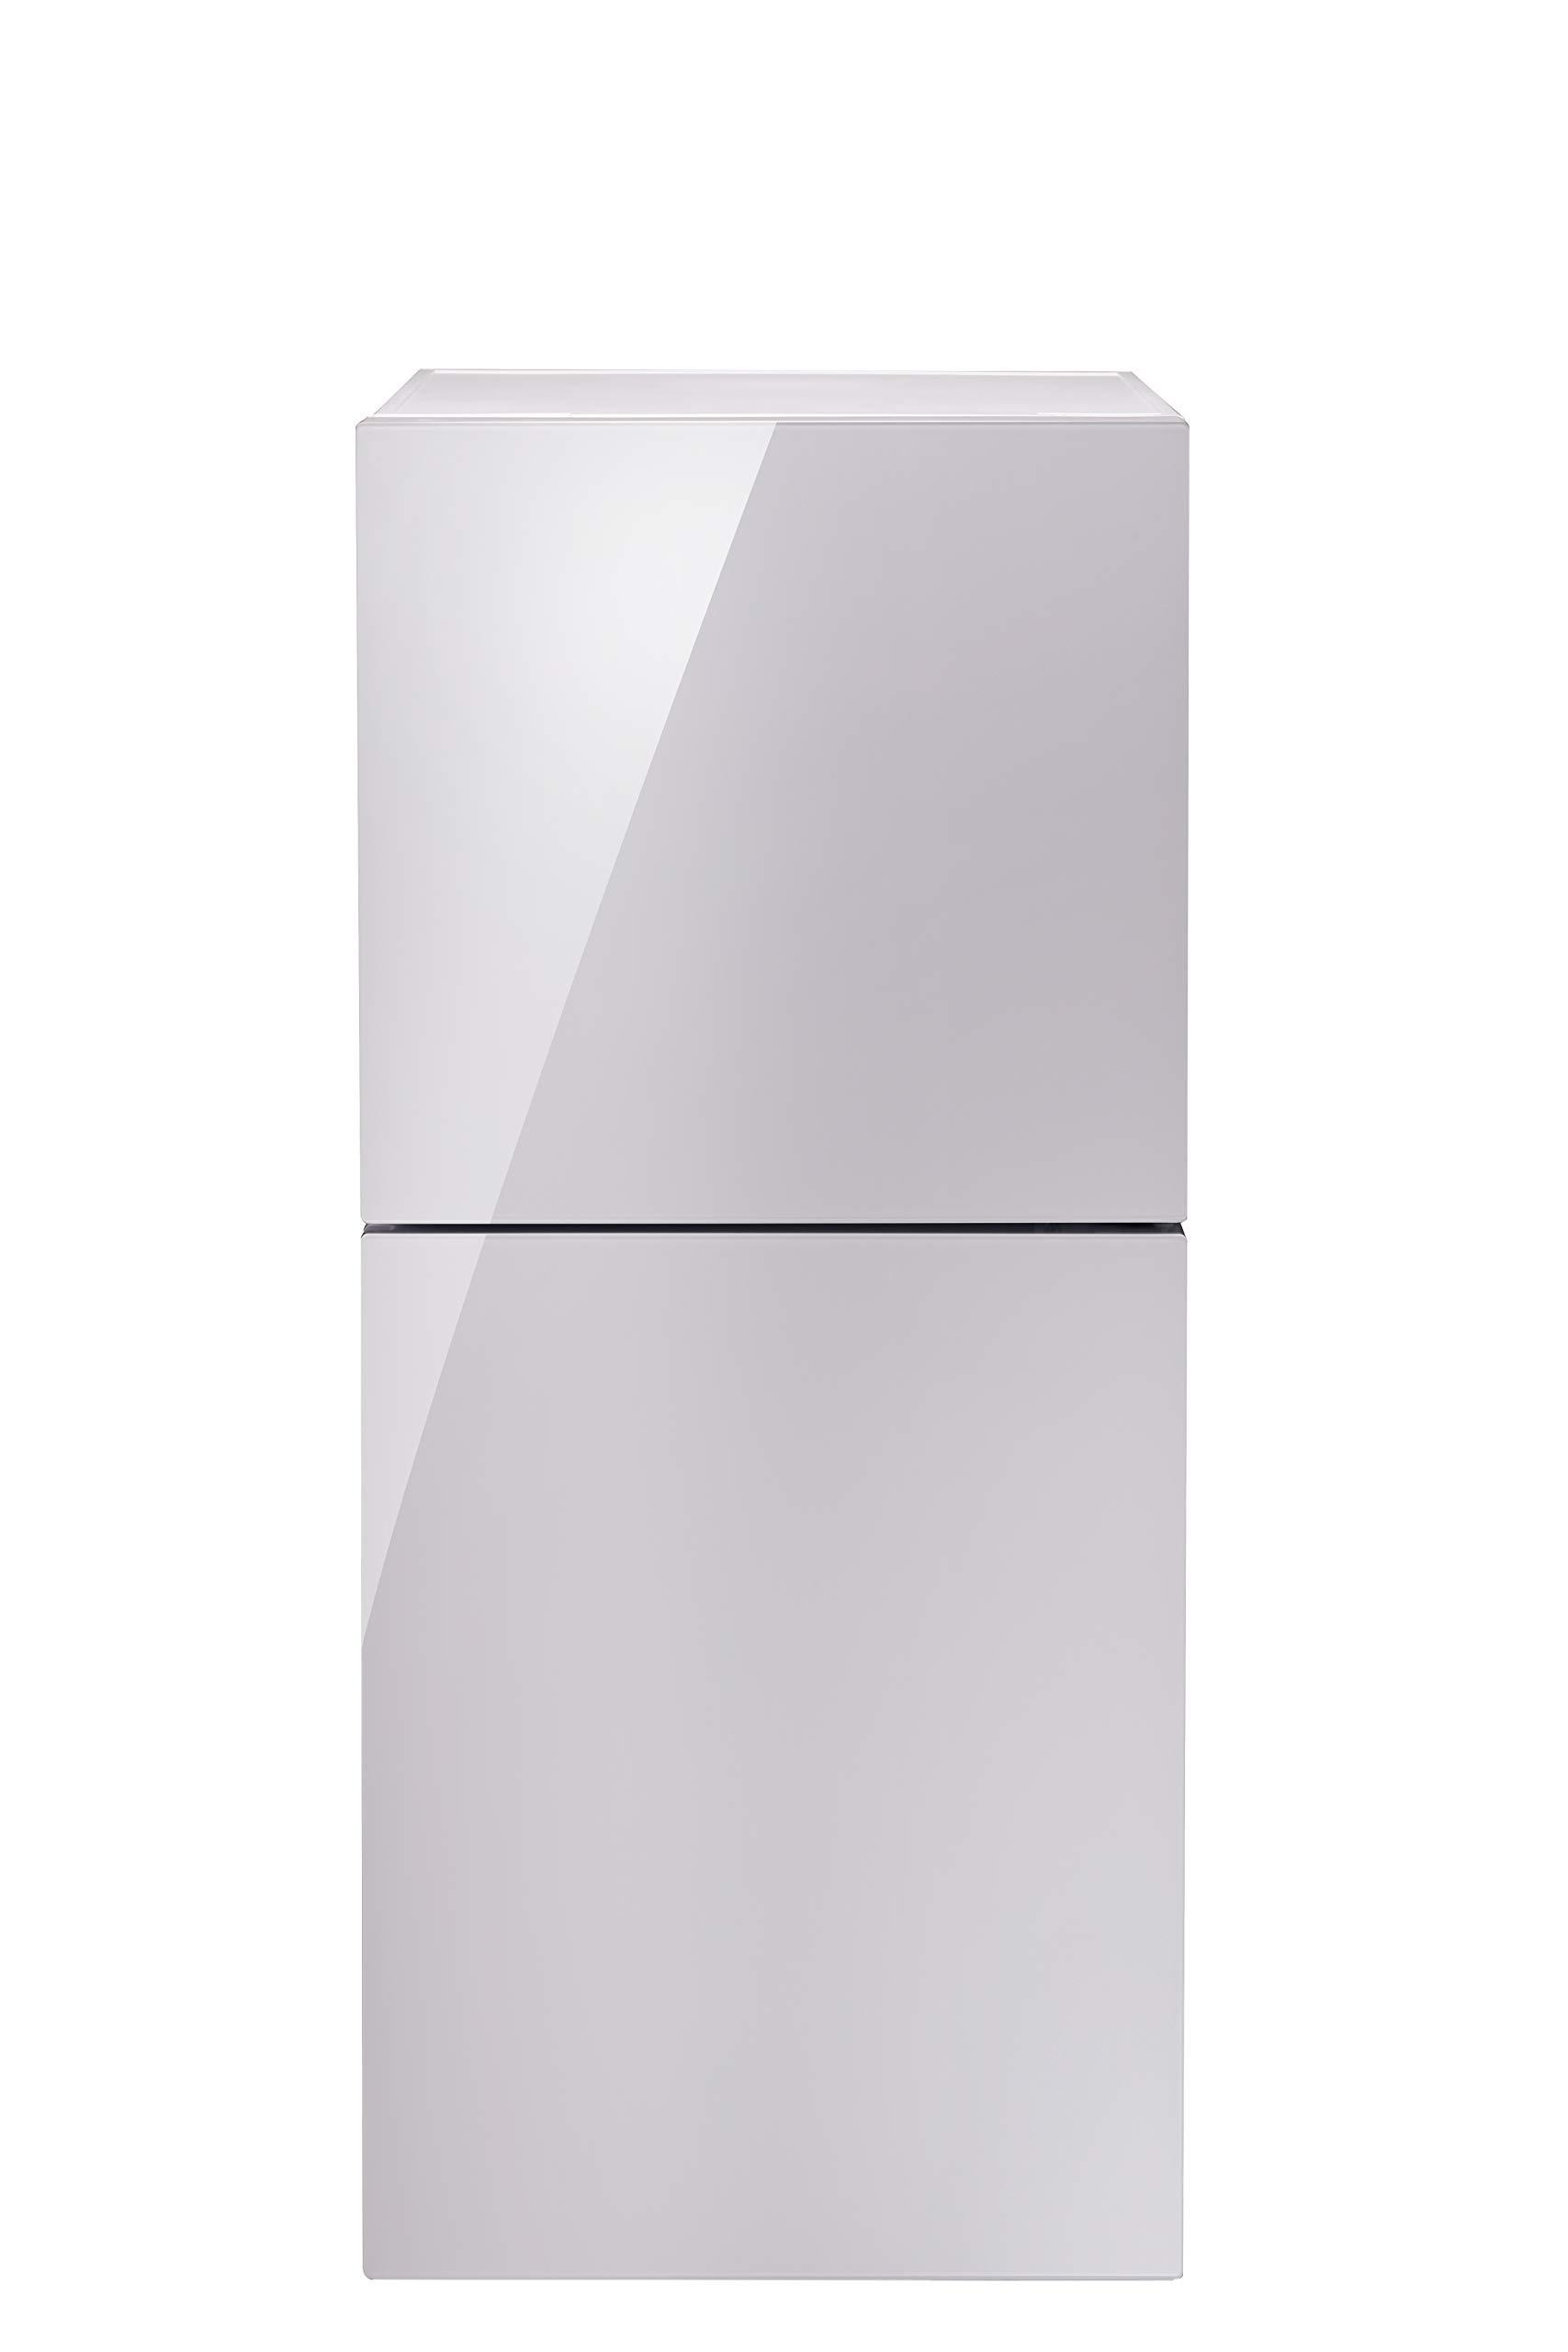 TWINBIRD(ツインバード) 2ドア冷凍冷蔵庫 ハーフ&ハーフHR-E915PWの商品画像